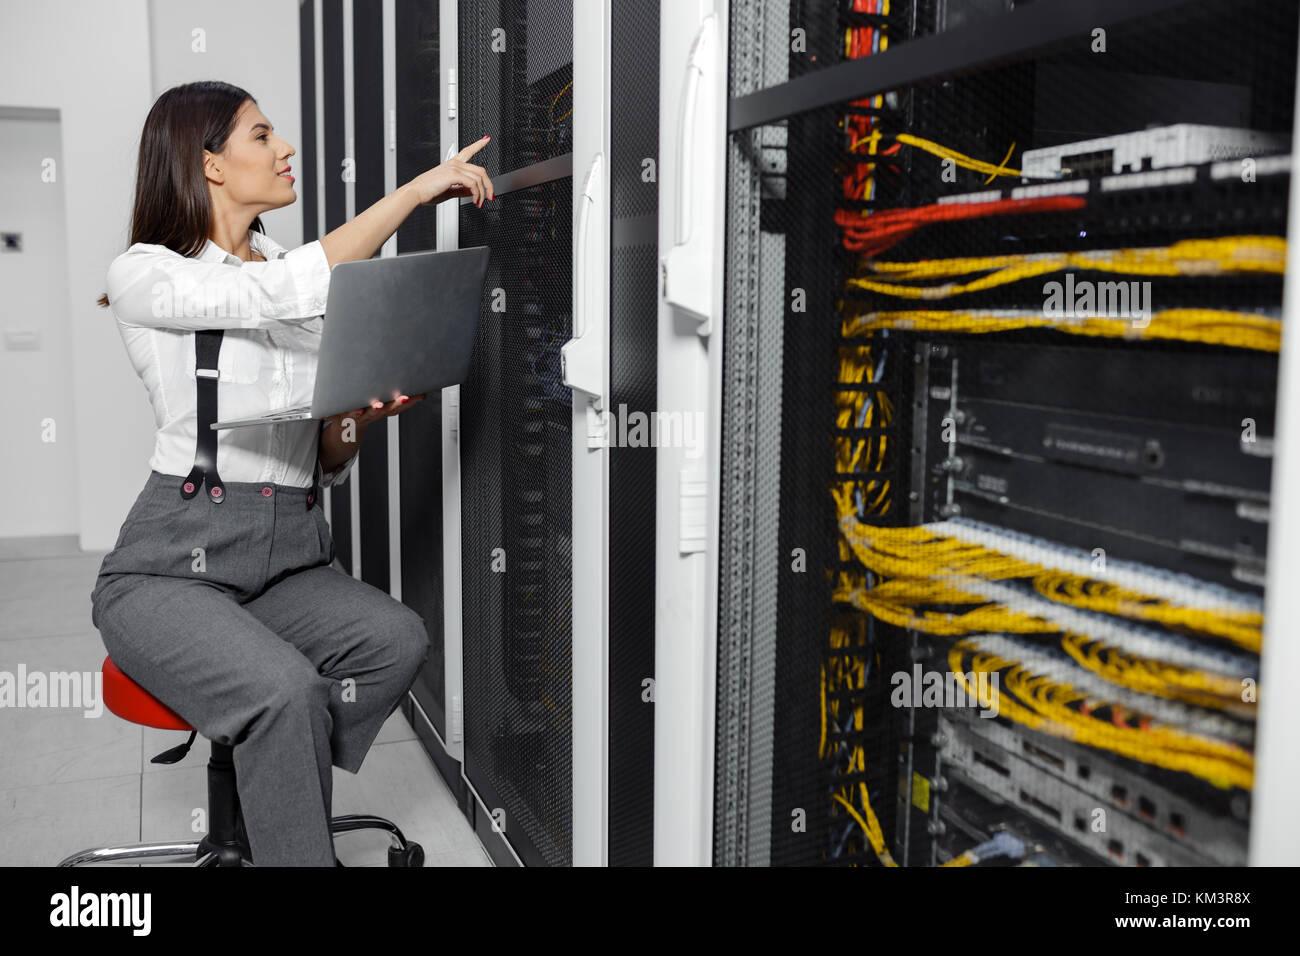 Portrait von Techniker arbeiten am Laptop im Server Raum Stockbild